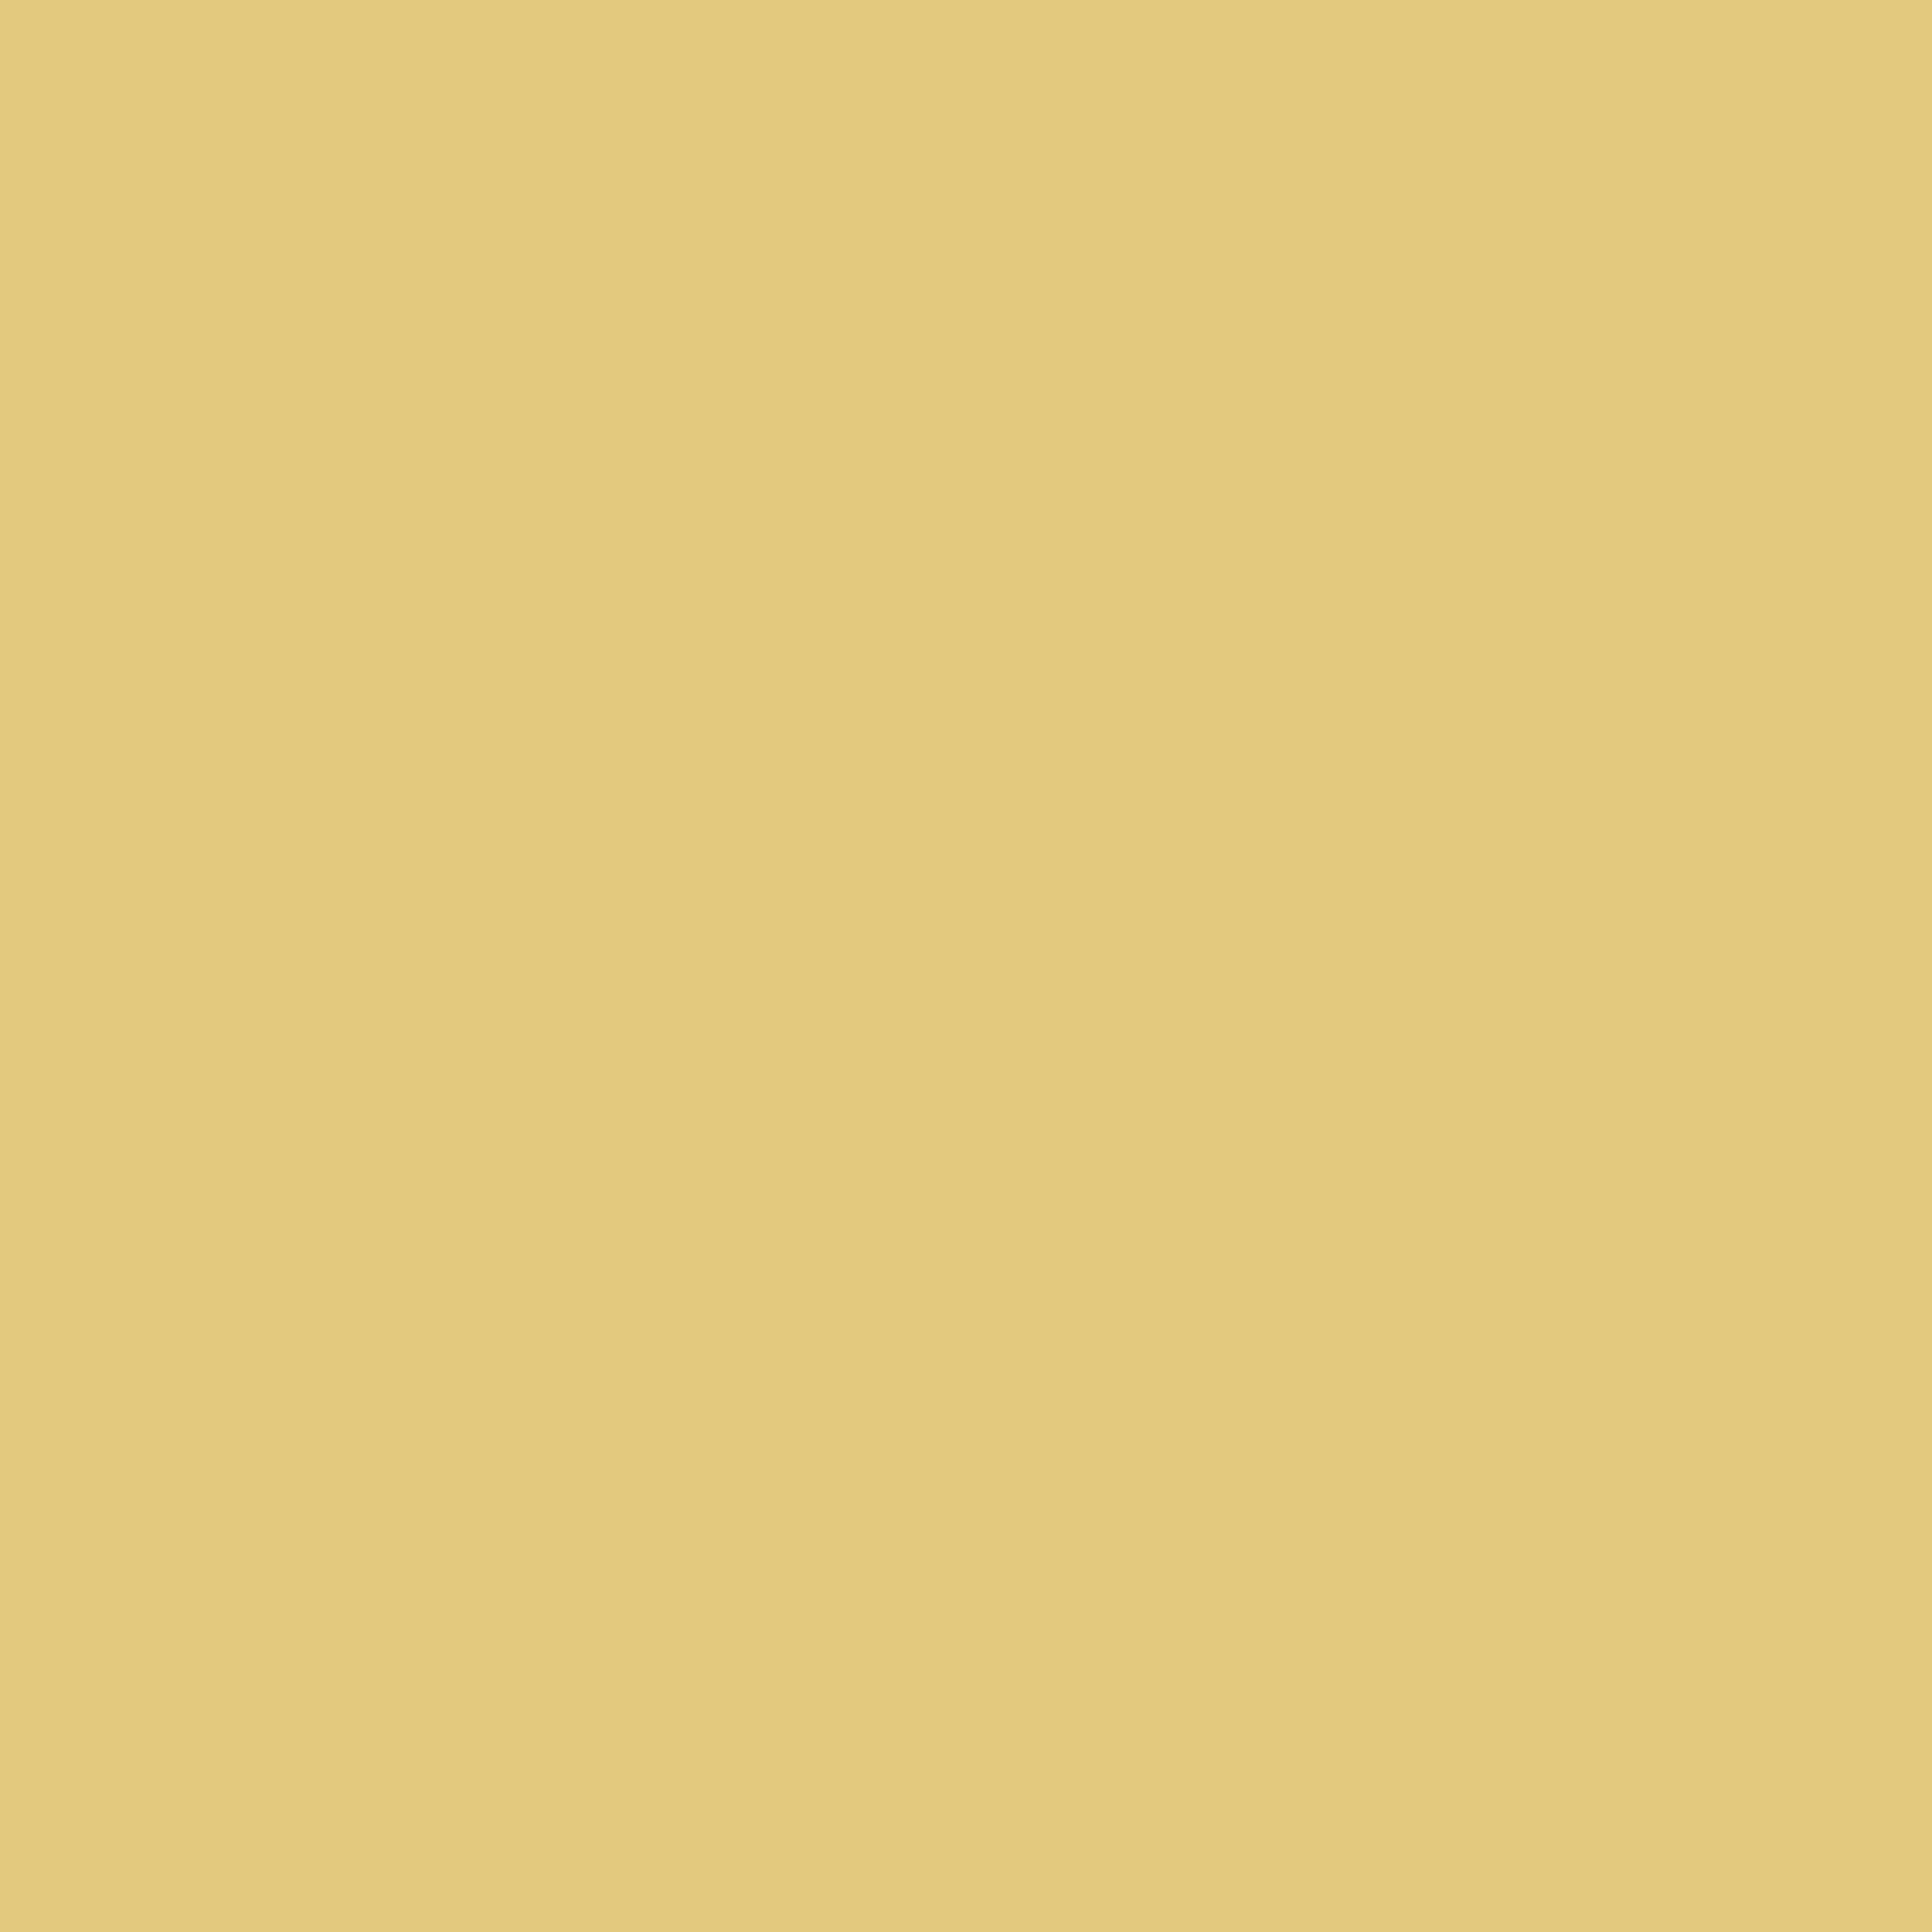 Yellow, TV